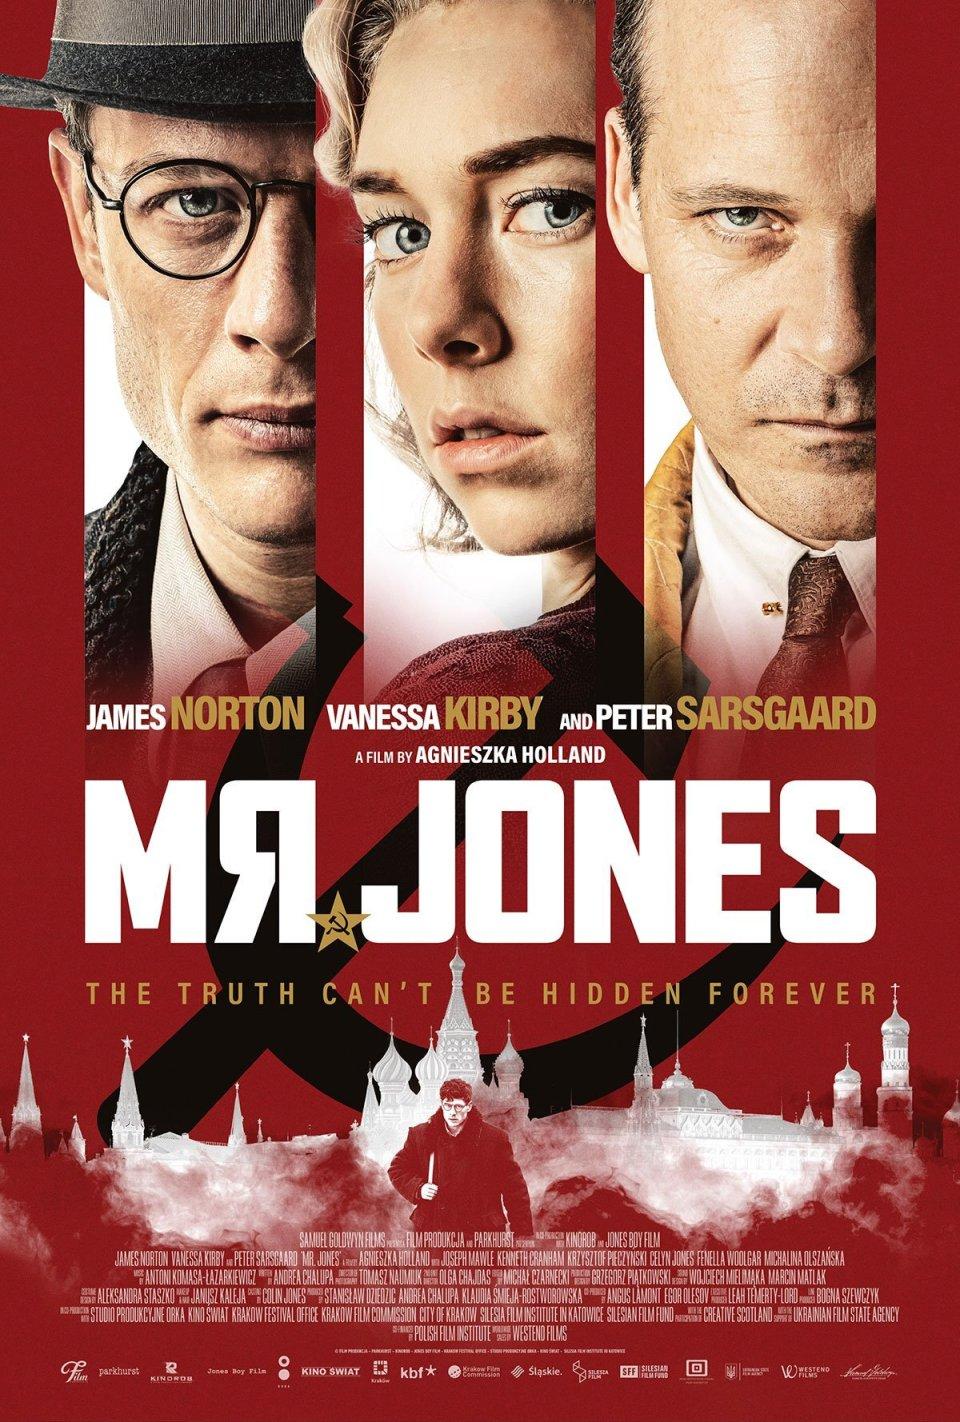 mr jones poster.jpg